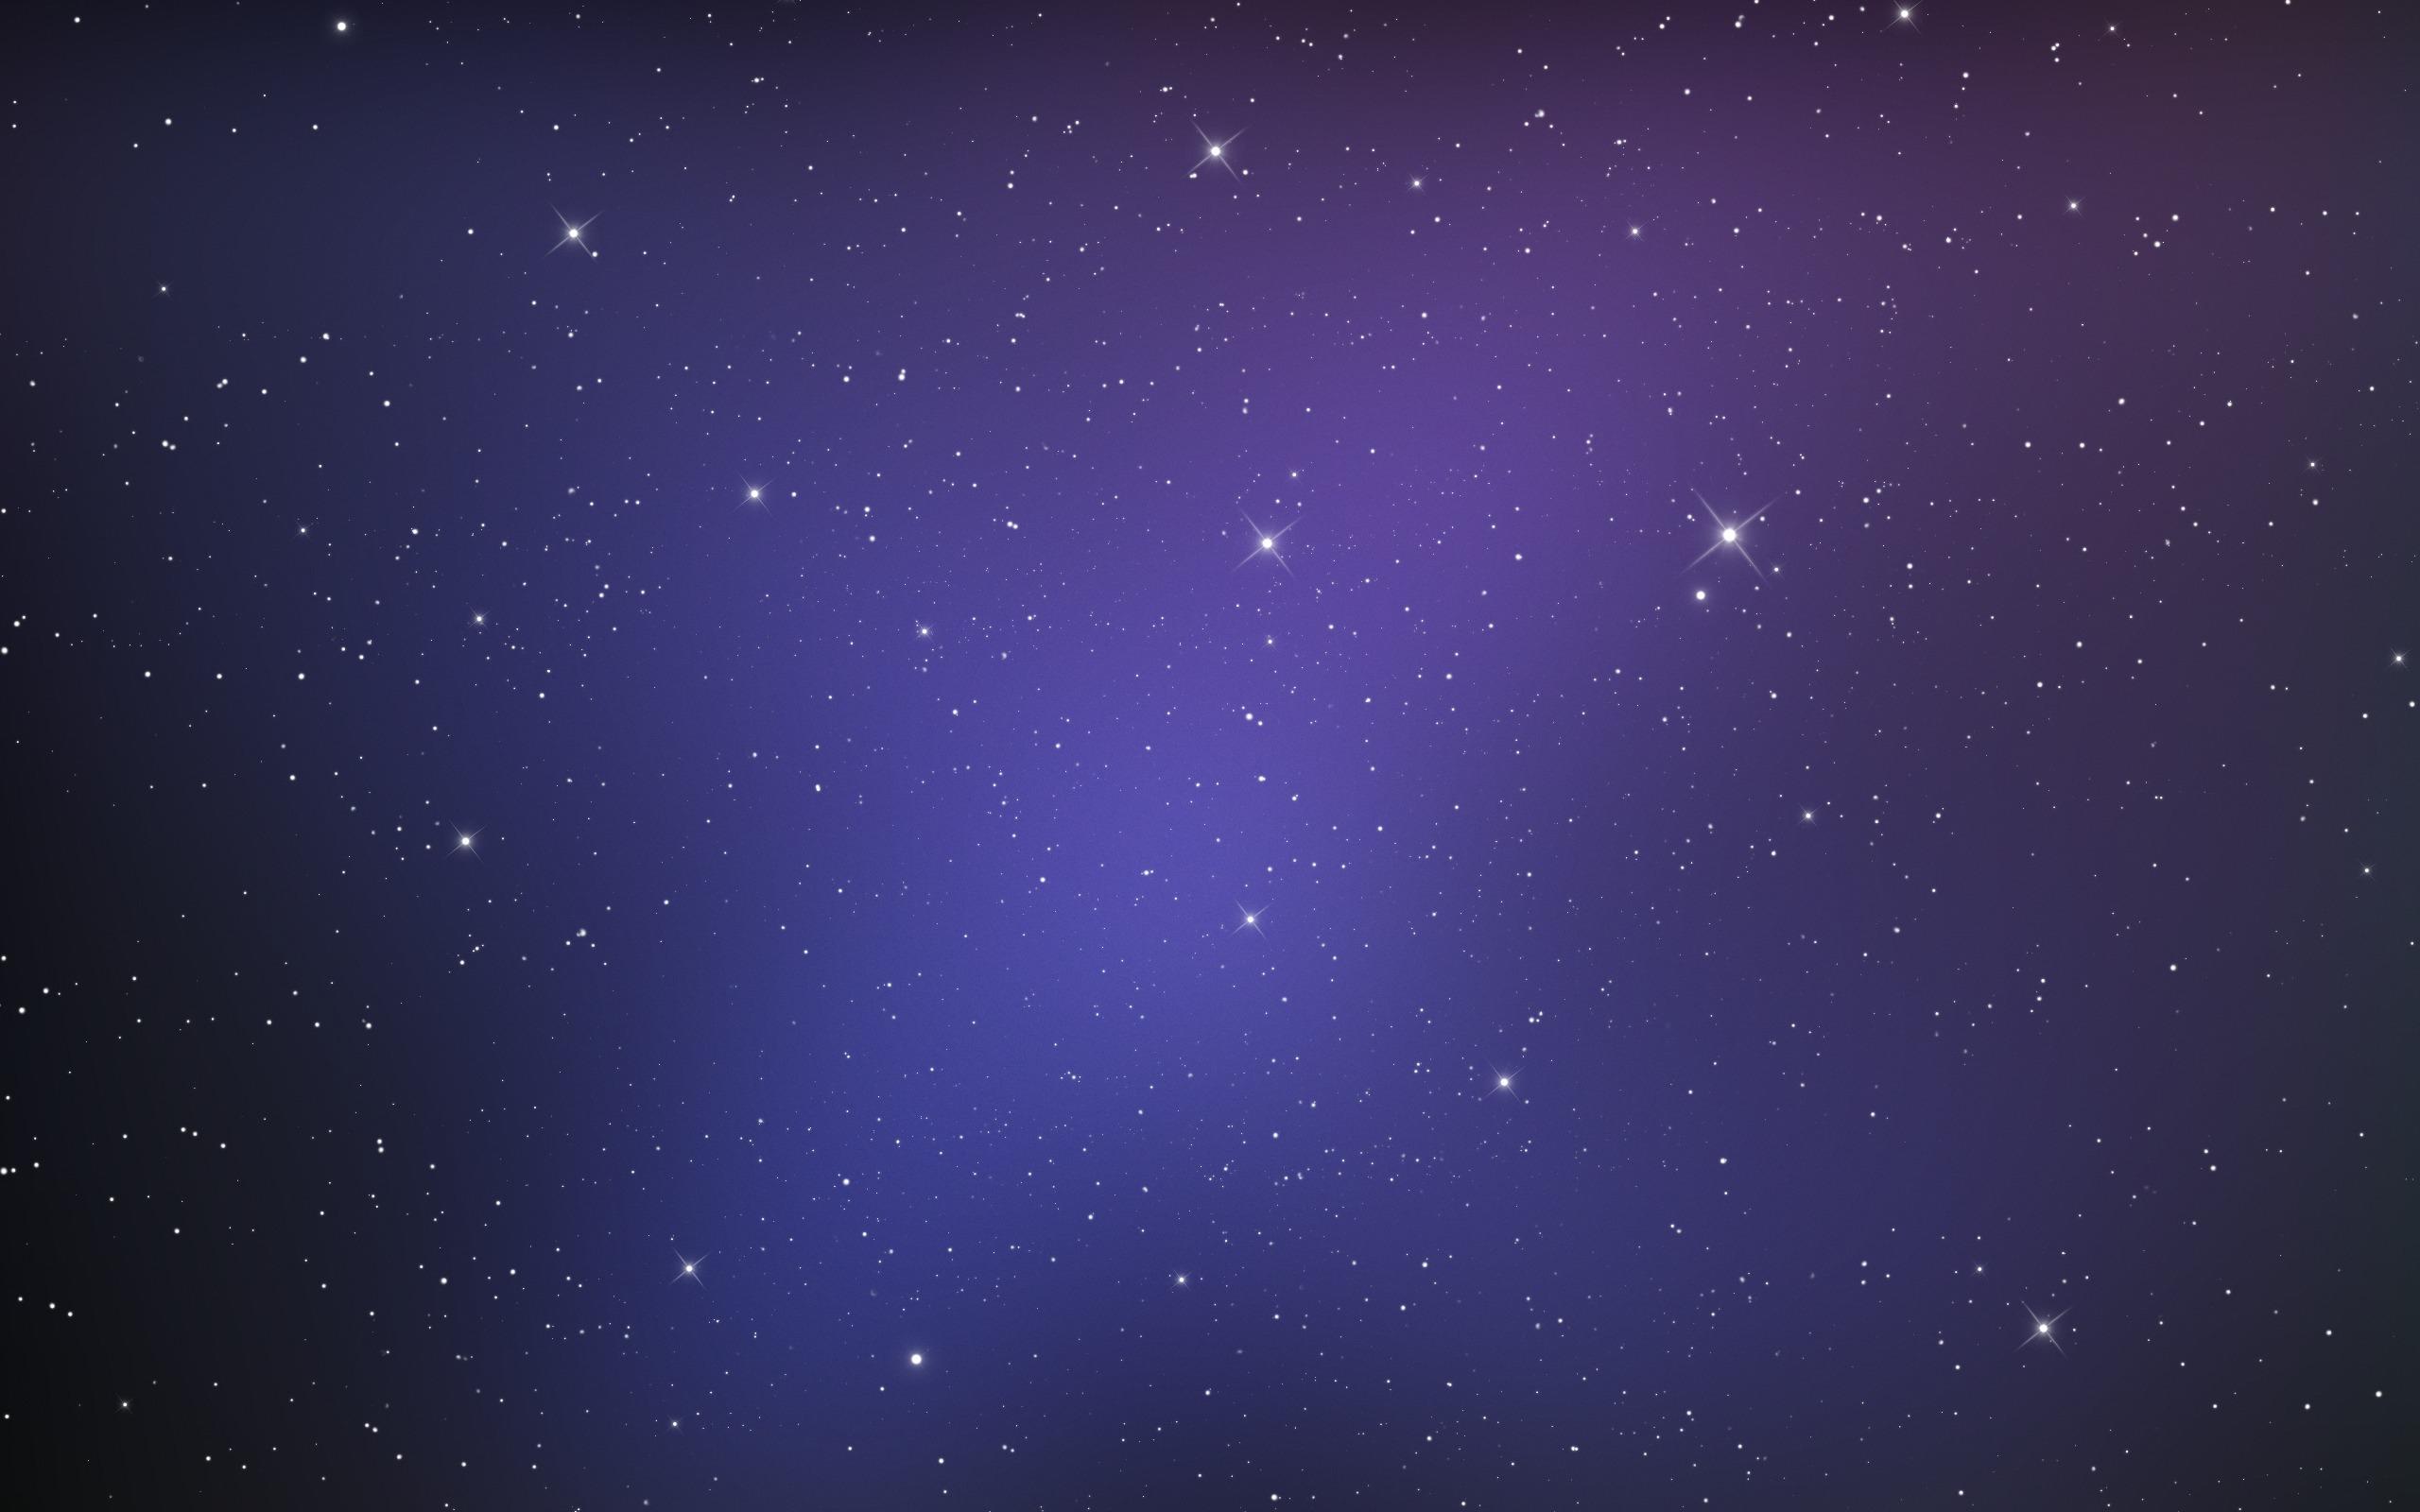 starry sky wallpaper night   HD Desktop Wallpapers 4k HD 2560x1600